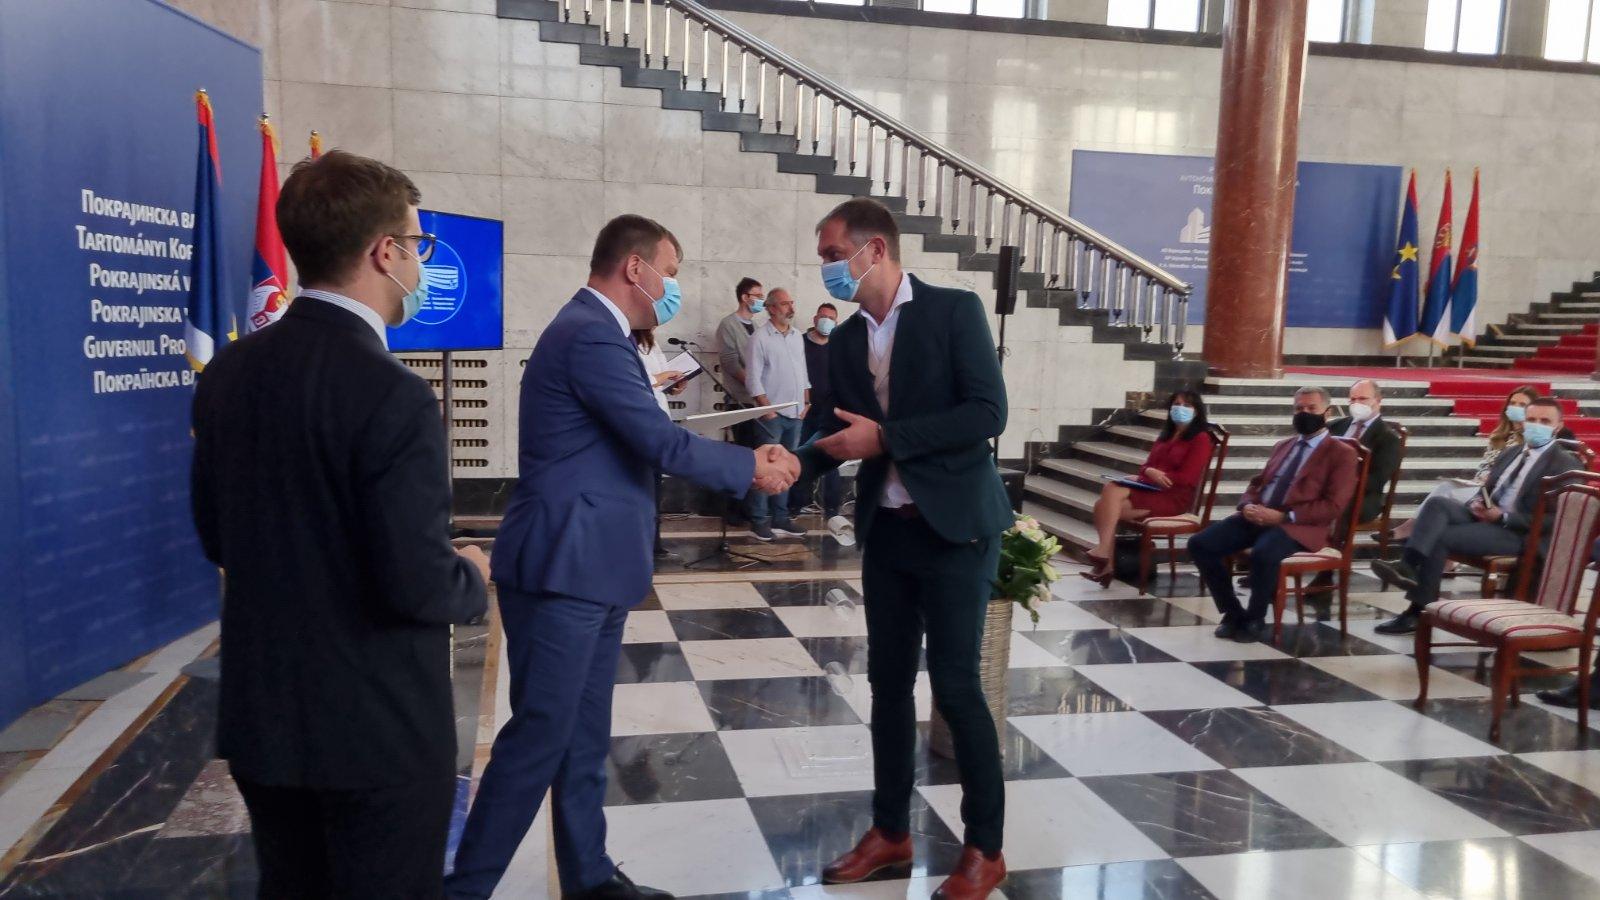 """Potpisan sporazum između Opštine Žabalj i Fonda """"Evropski poslovi"""""""